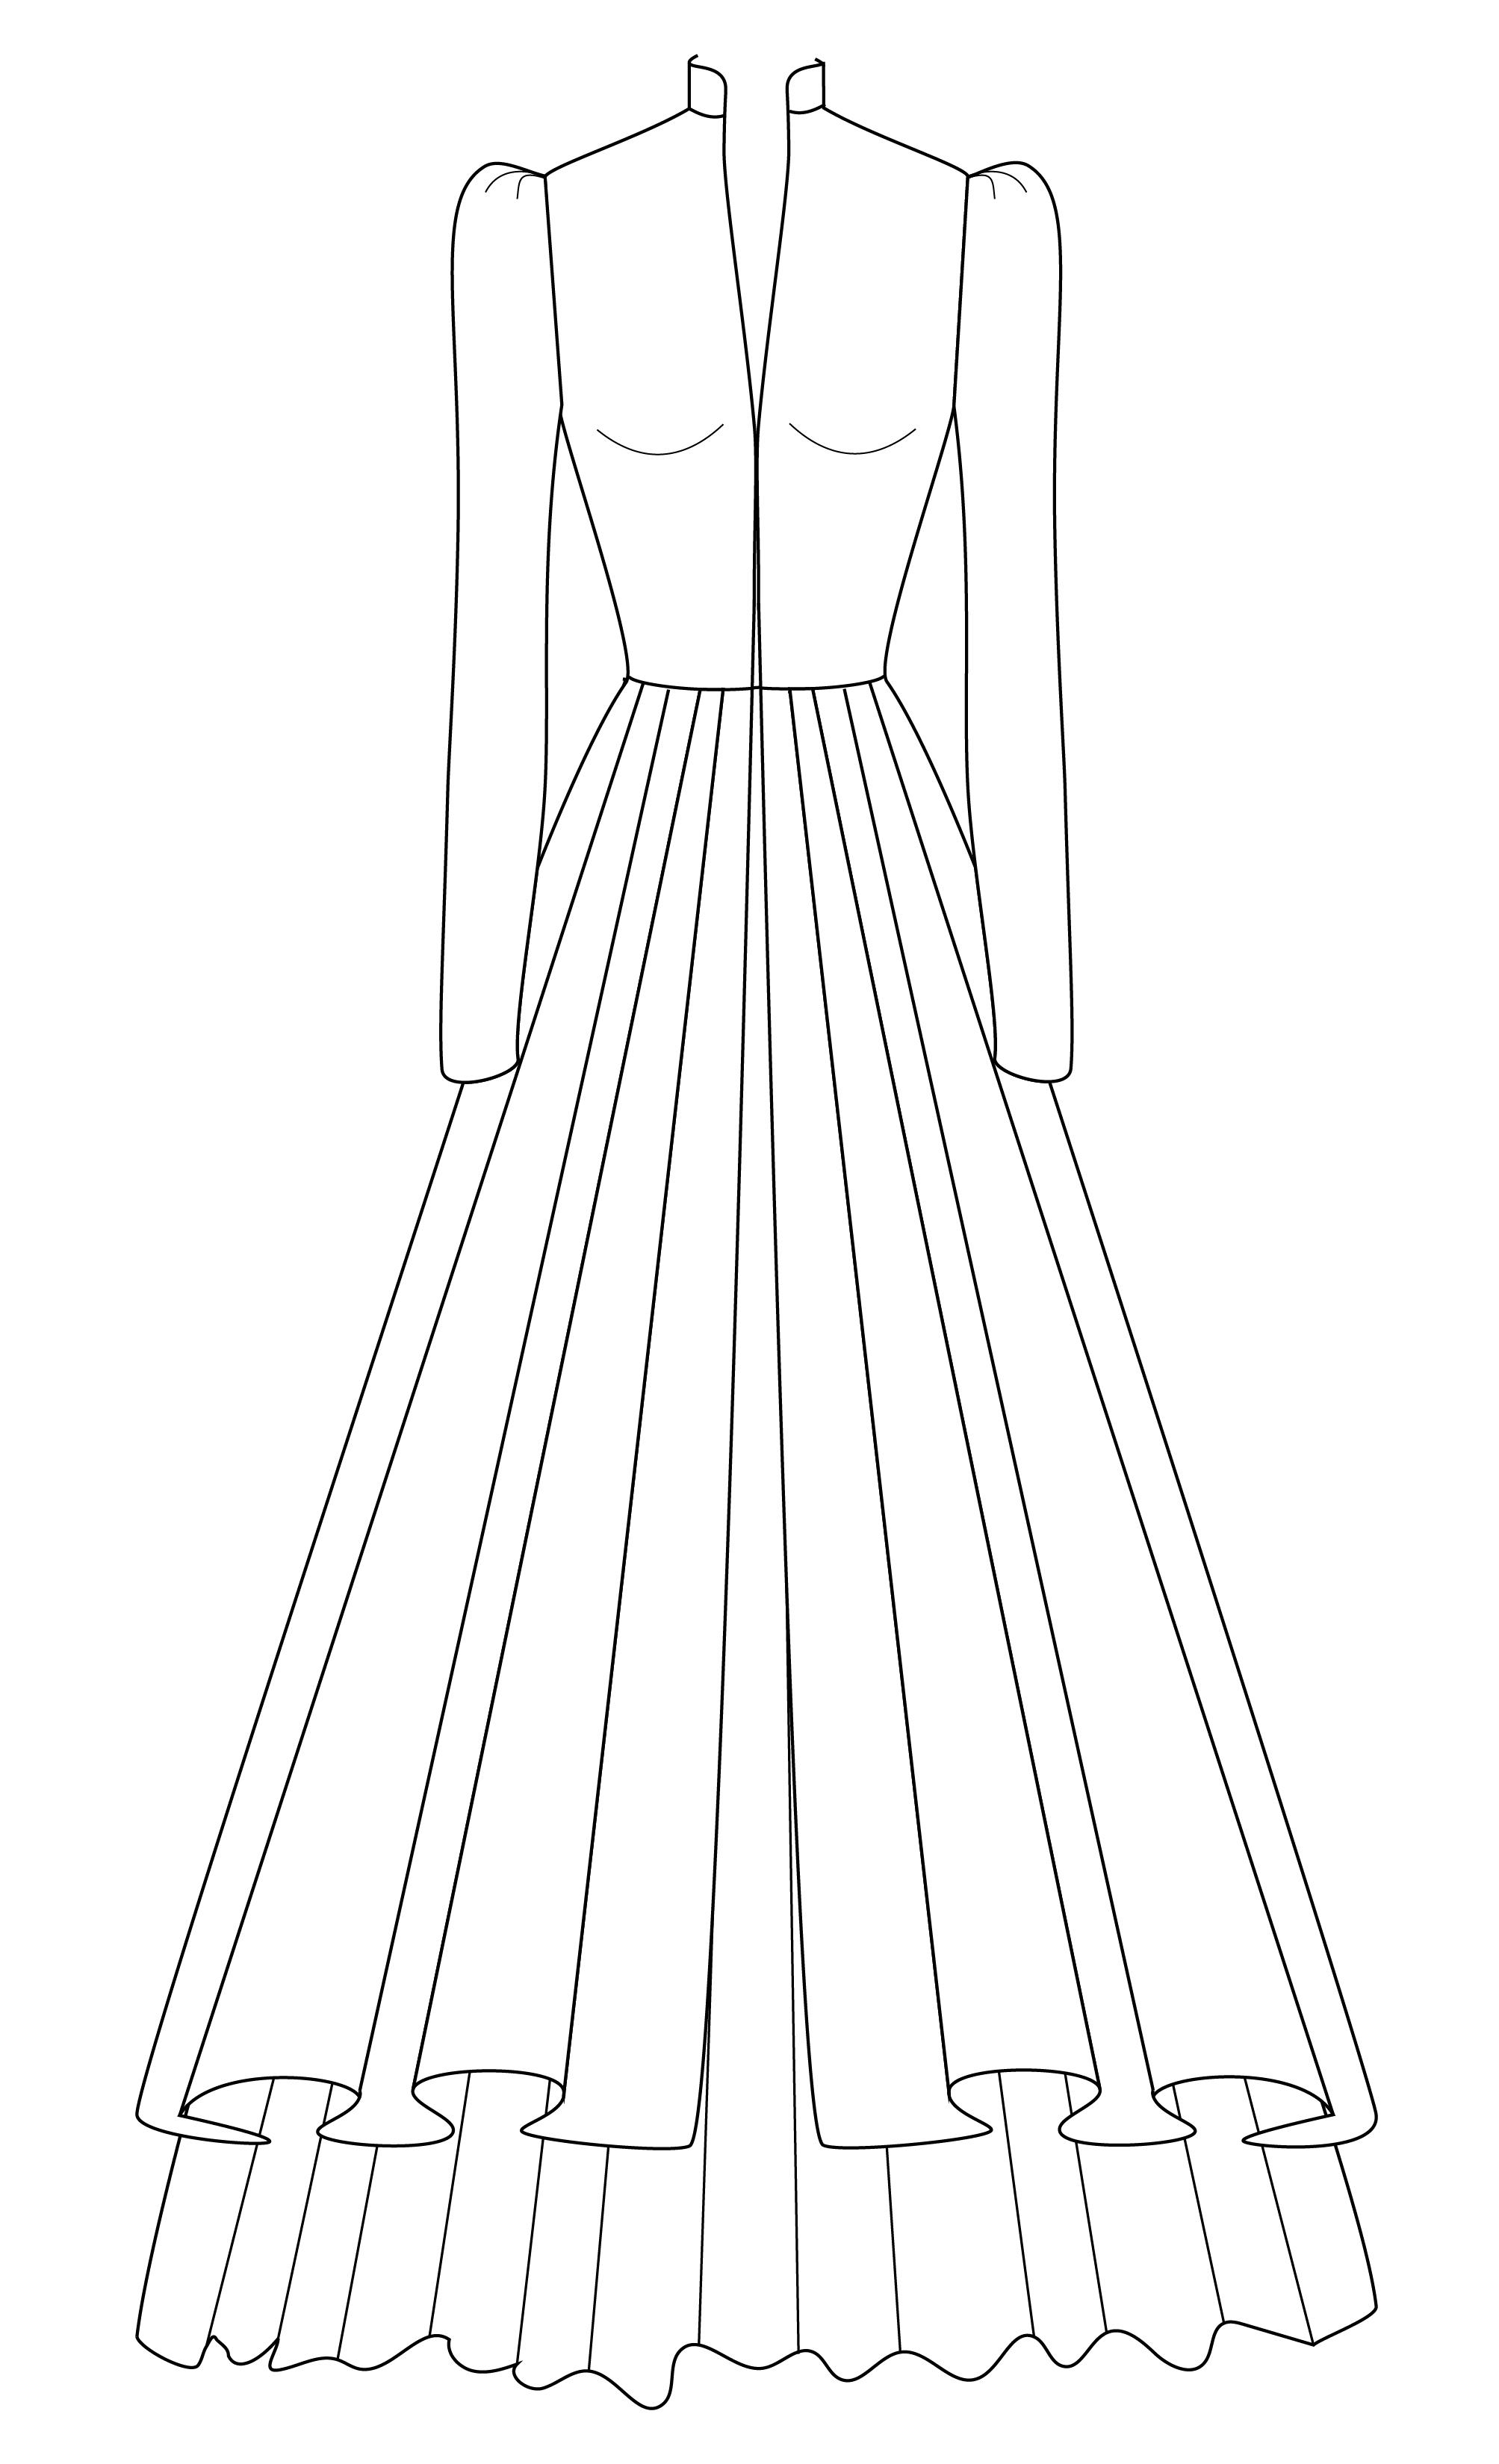 CAD01-01.jpg